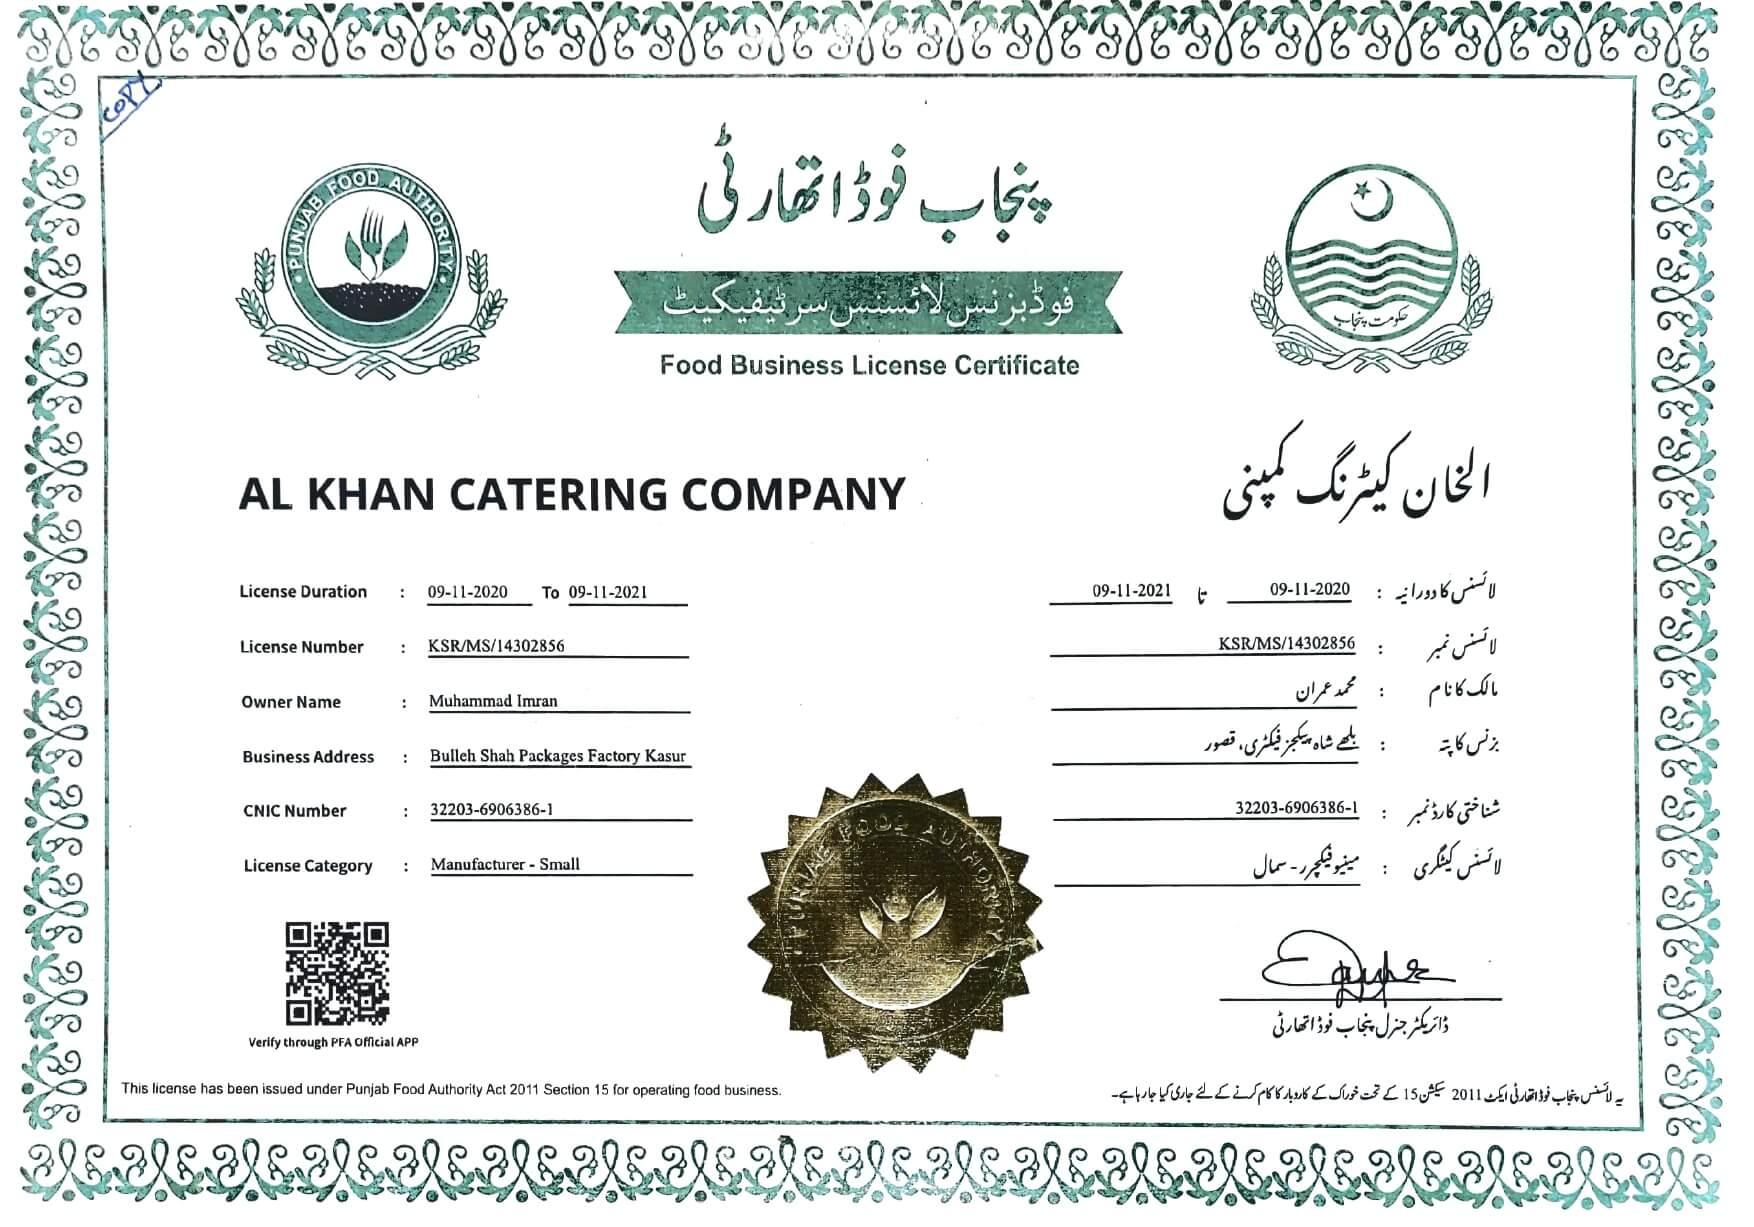 Punjab Food Authority